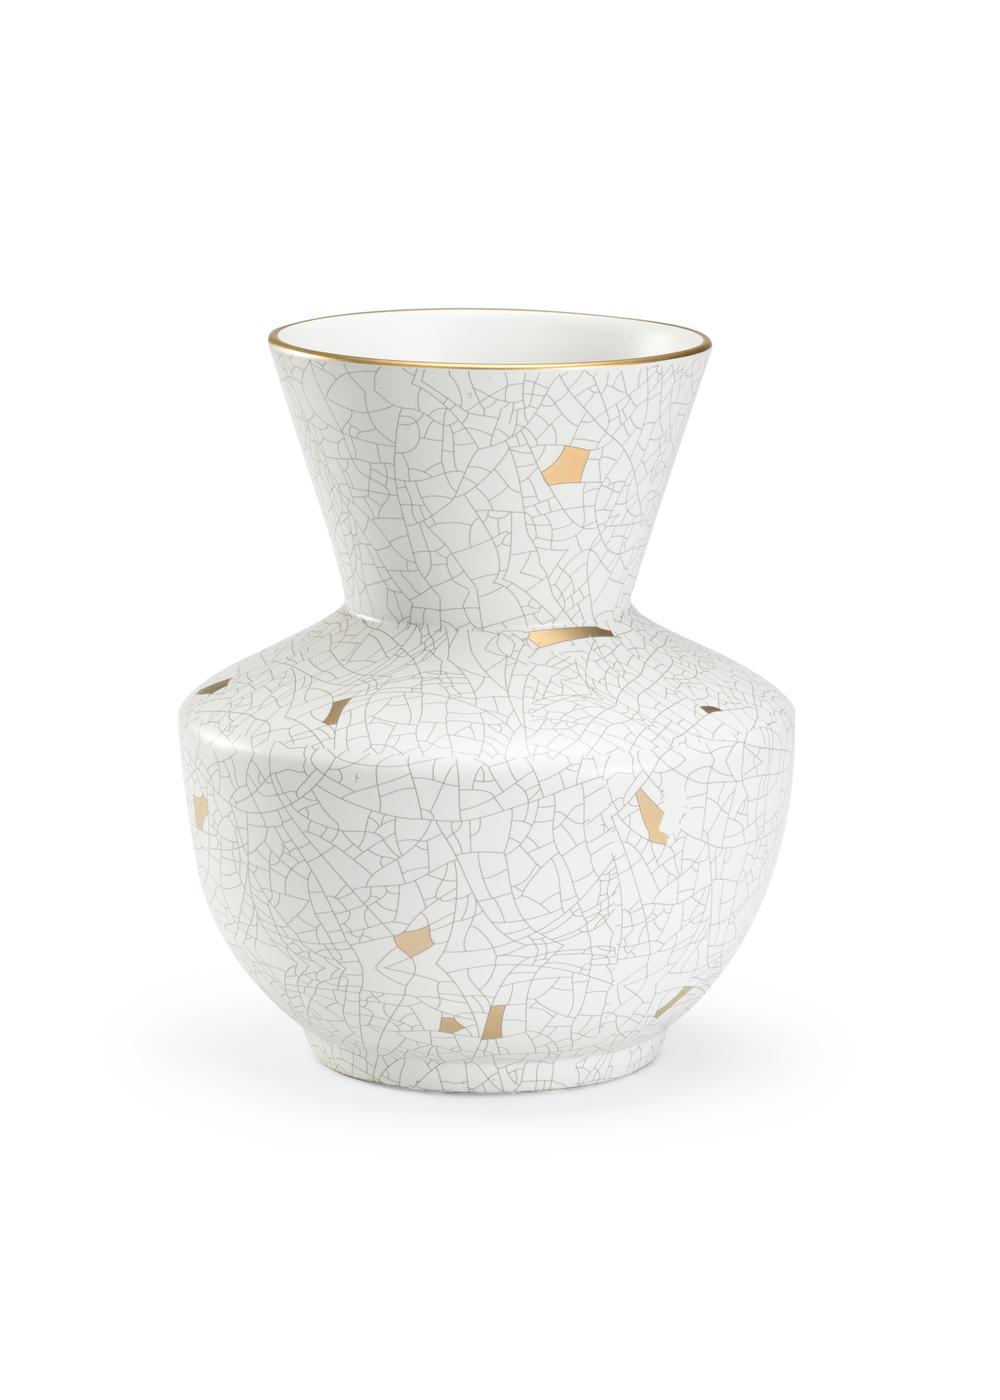 Chelsea House - Crackled Vase